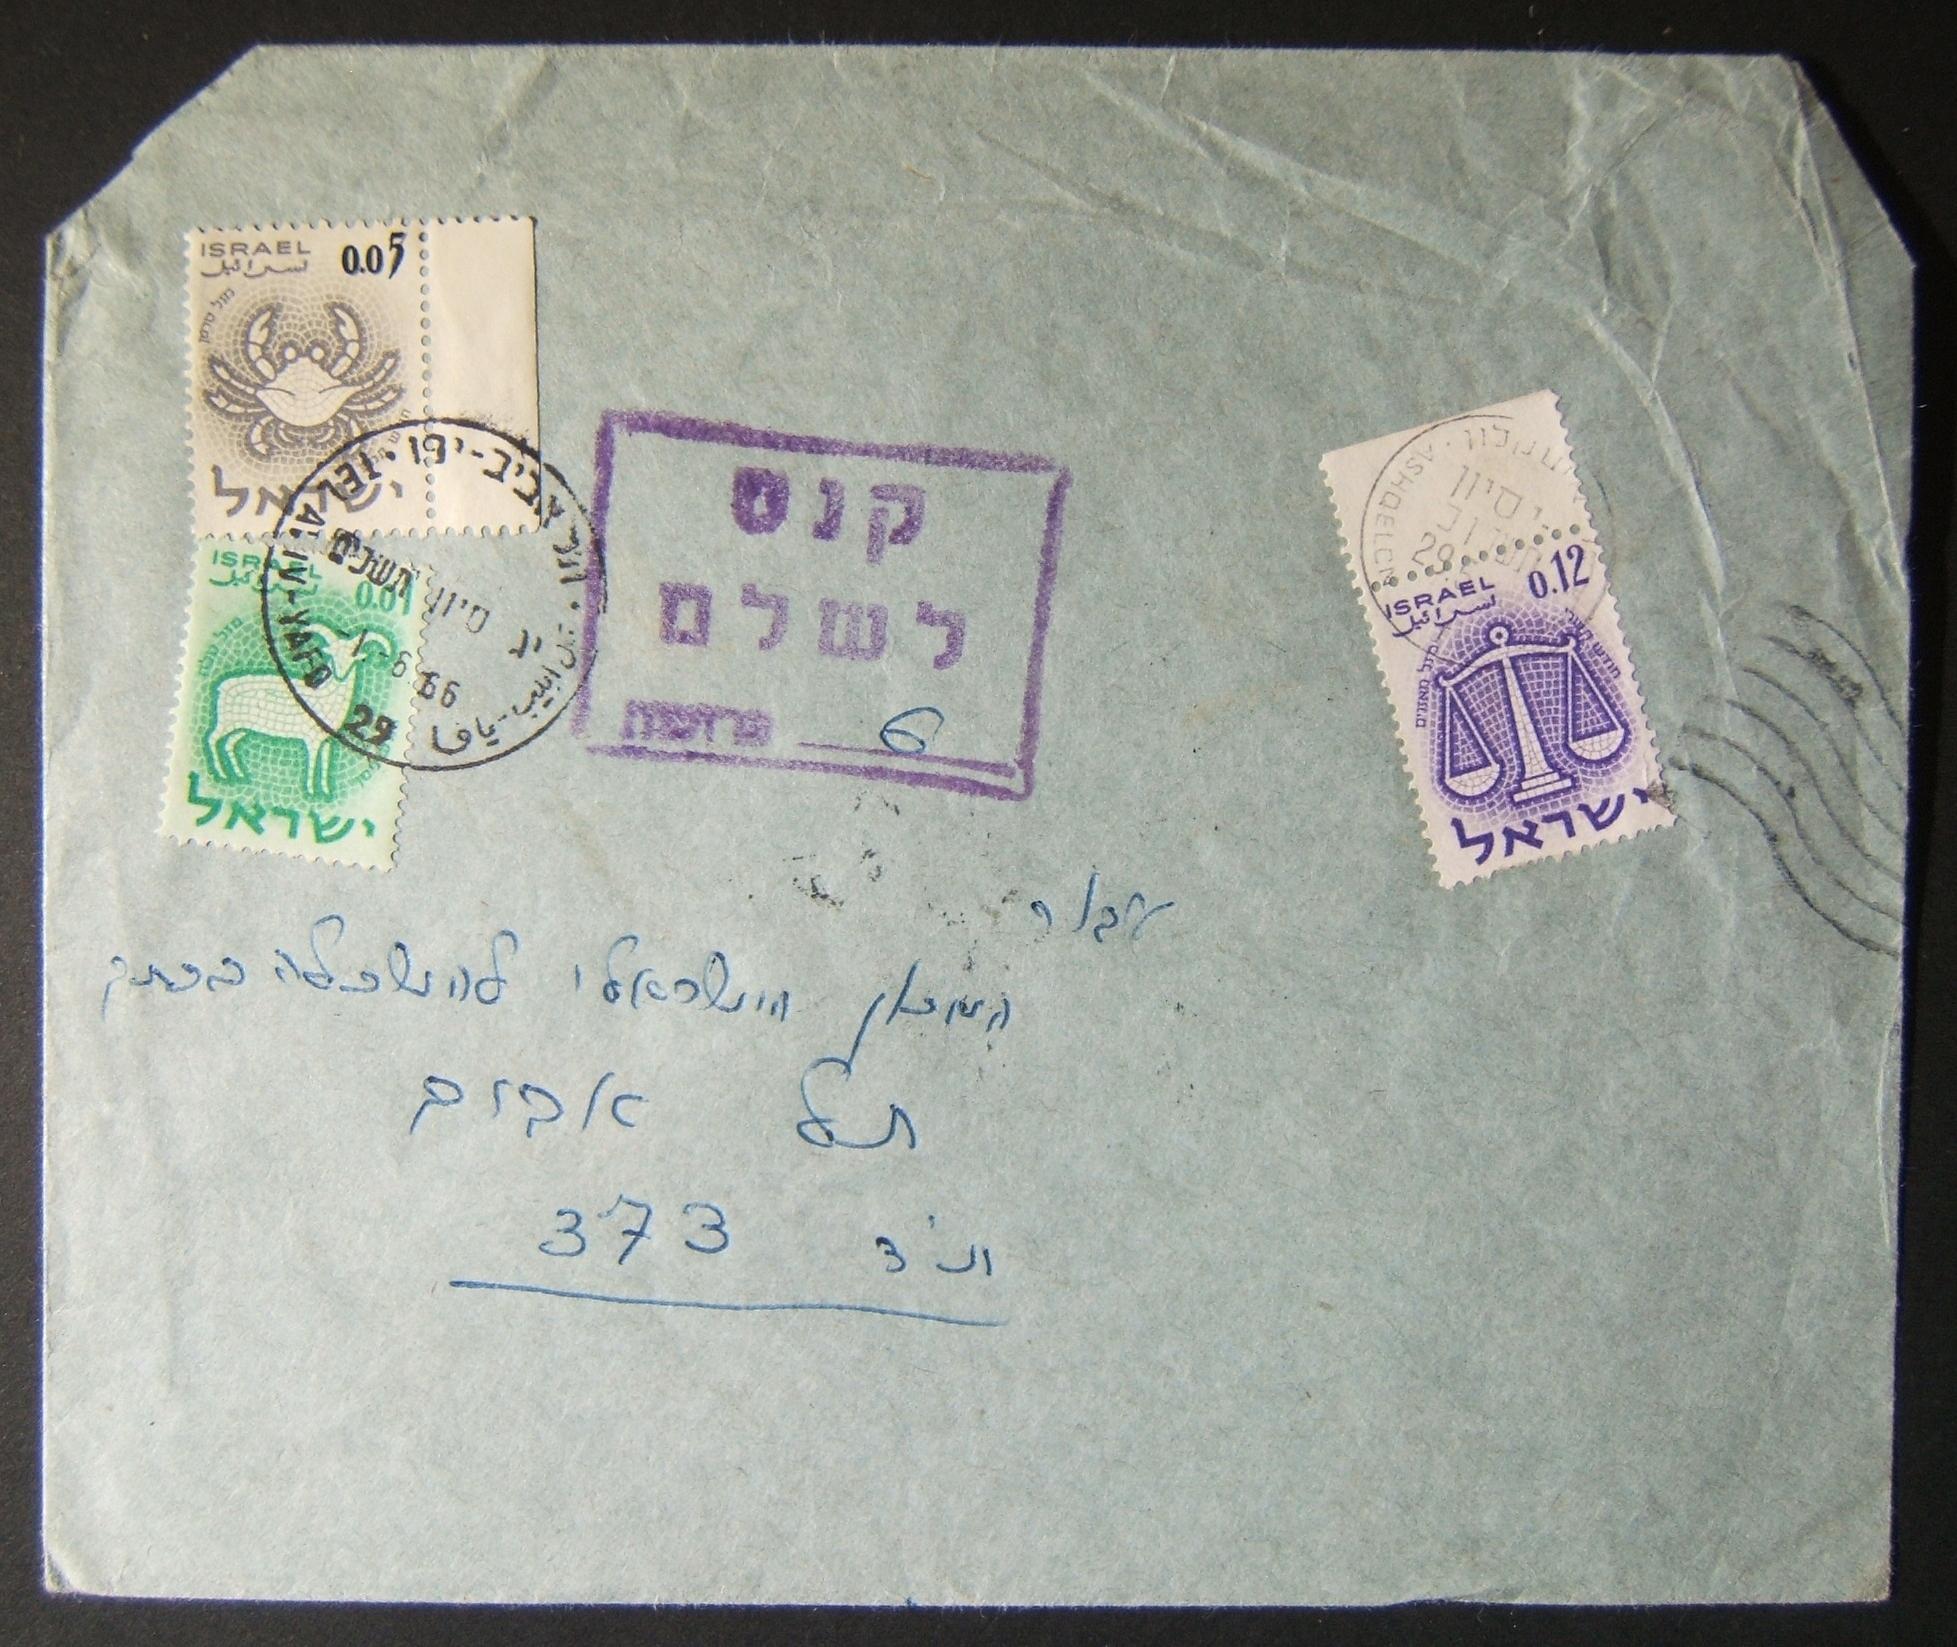 1966 אשקלון לדואר תל-אביבי תחת מסגרות וממוסים עם חותמות גלגל המזלות; שגיאת תאריך חותמת דואר